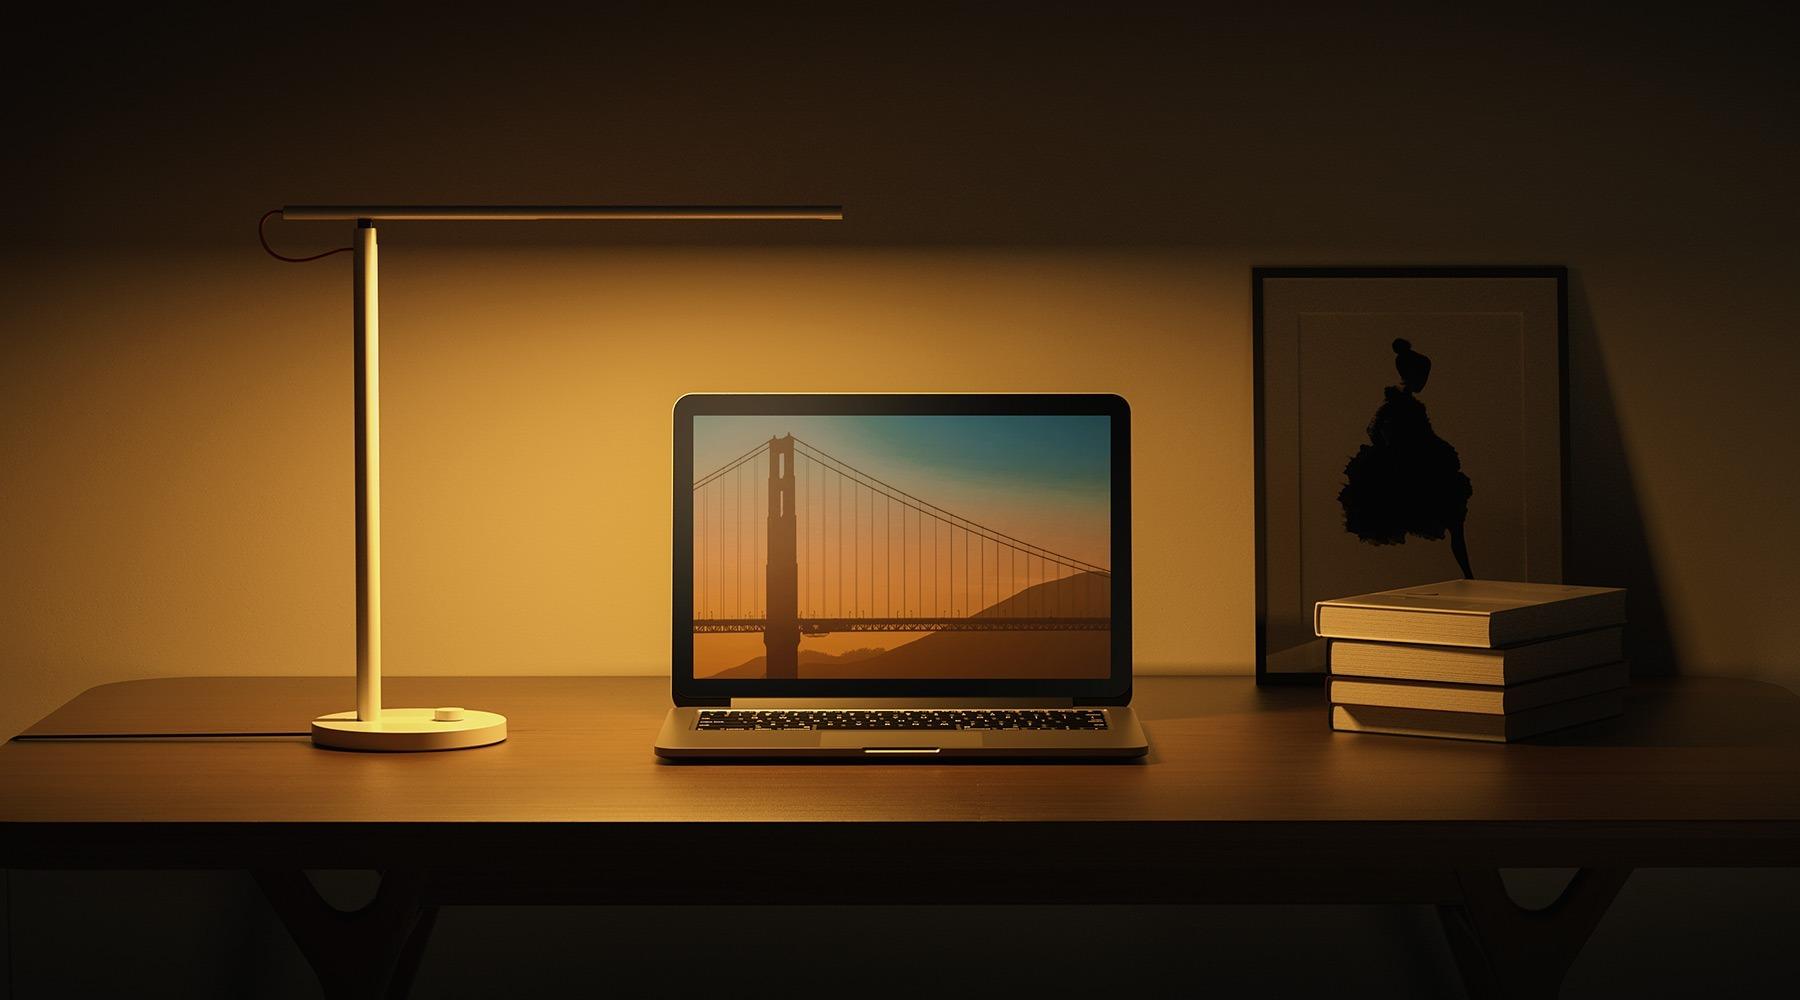 Mi LED Desk Lamp 1S -  Lampe de Bureau